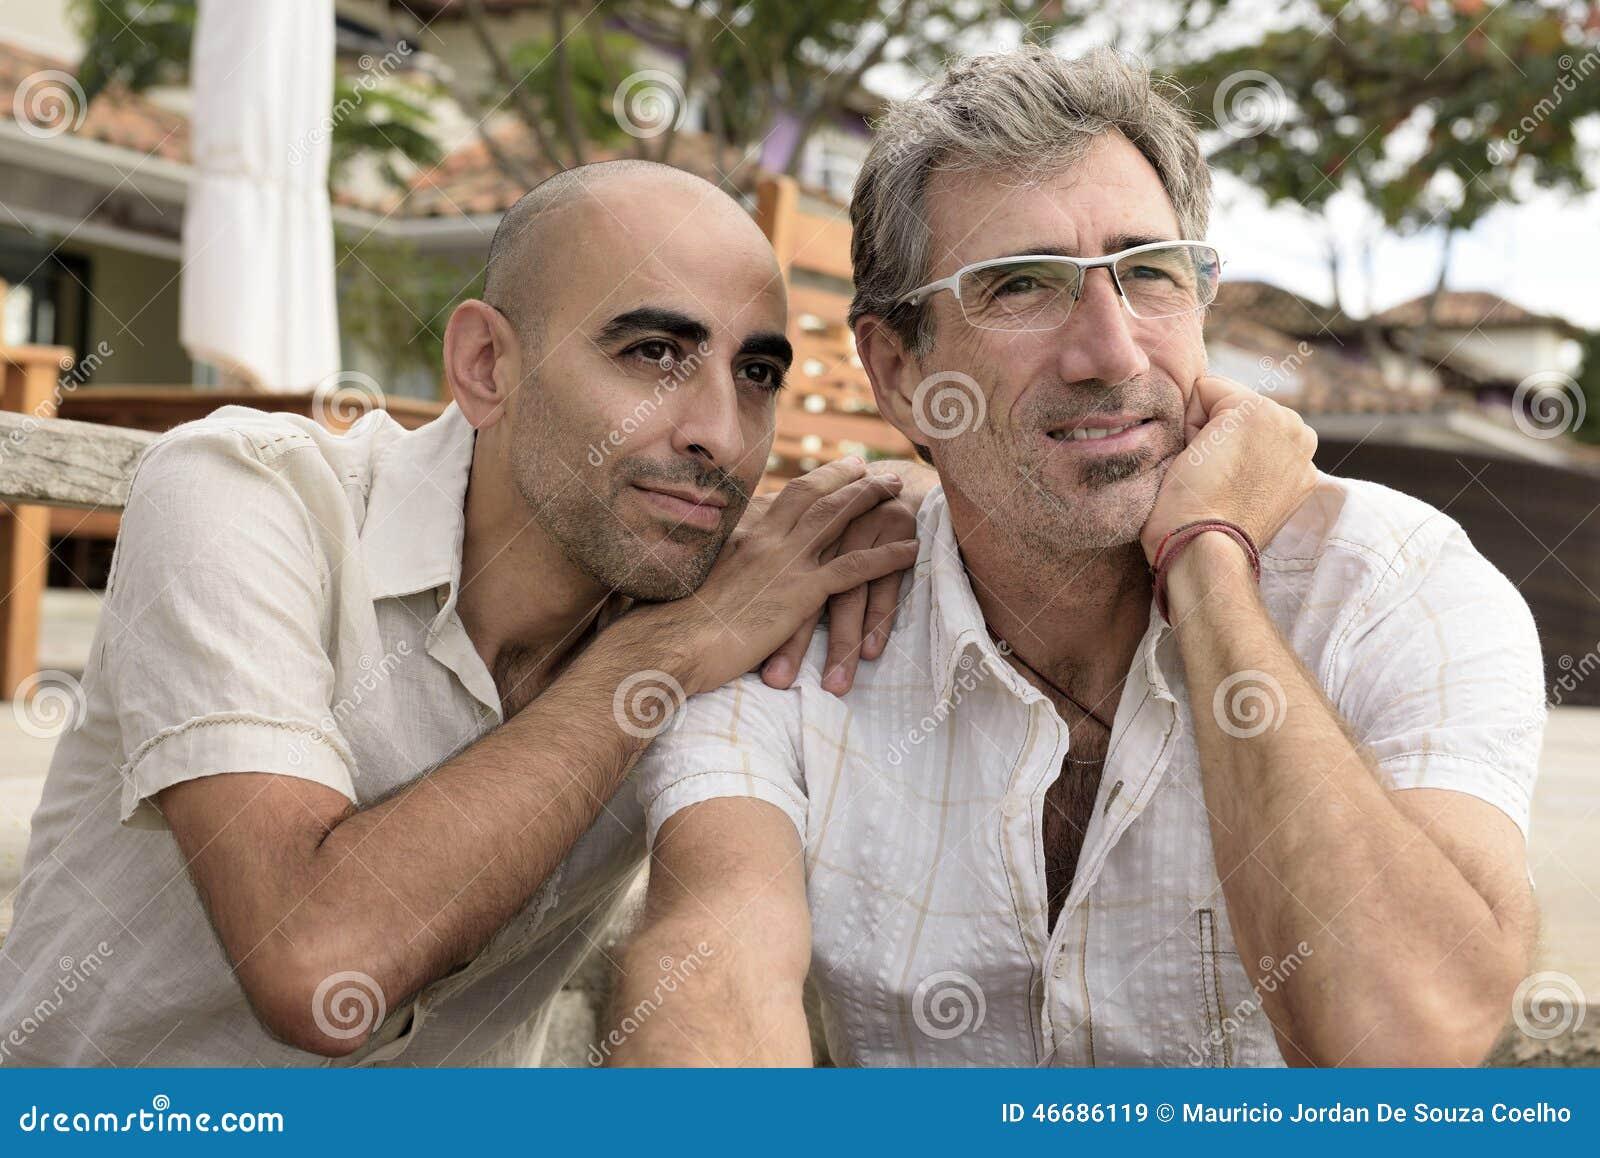 Портрет пары гомосексуалиста